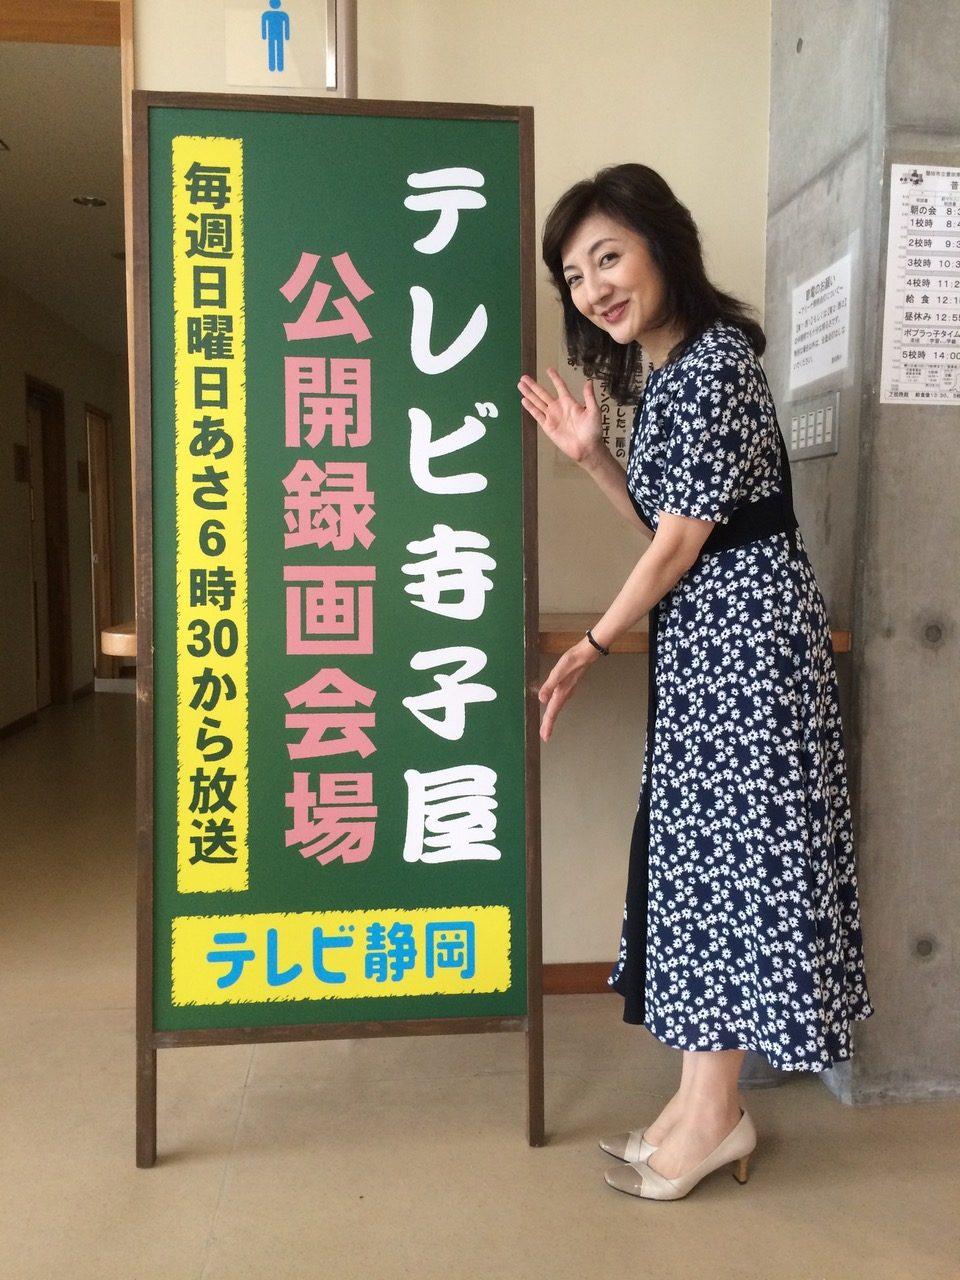 「テレビ寺子屋」樹原涼子 8月出演各地での放映日